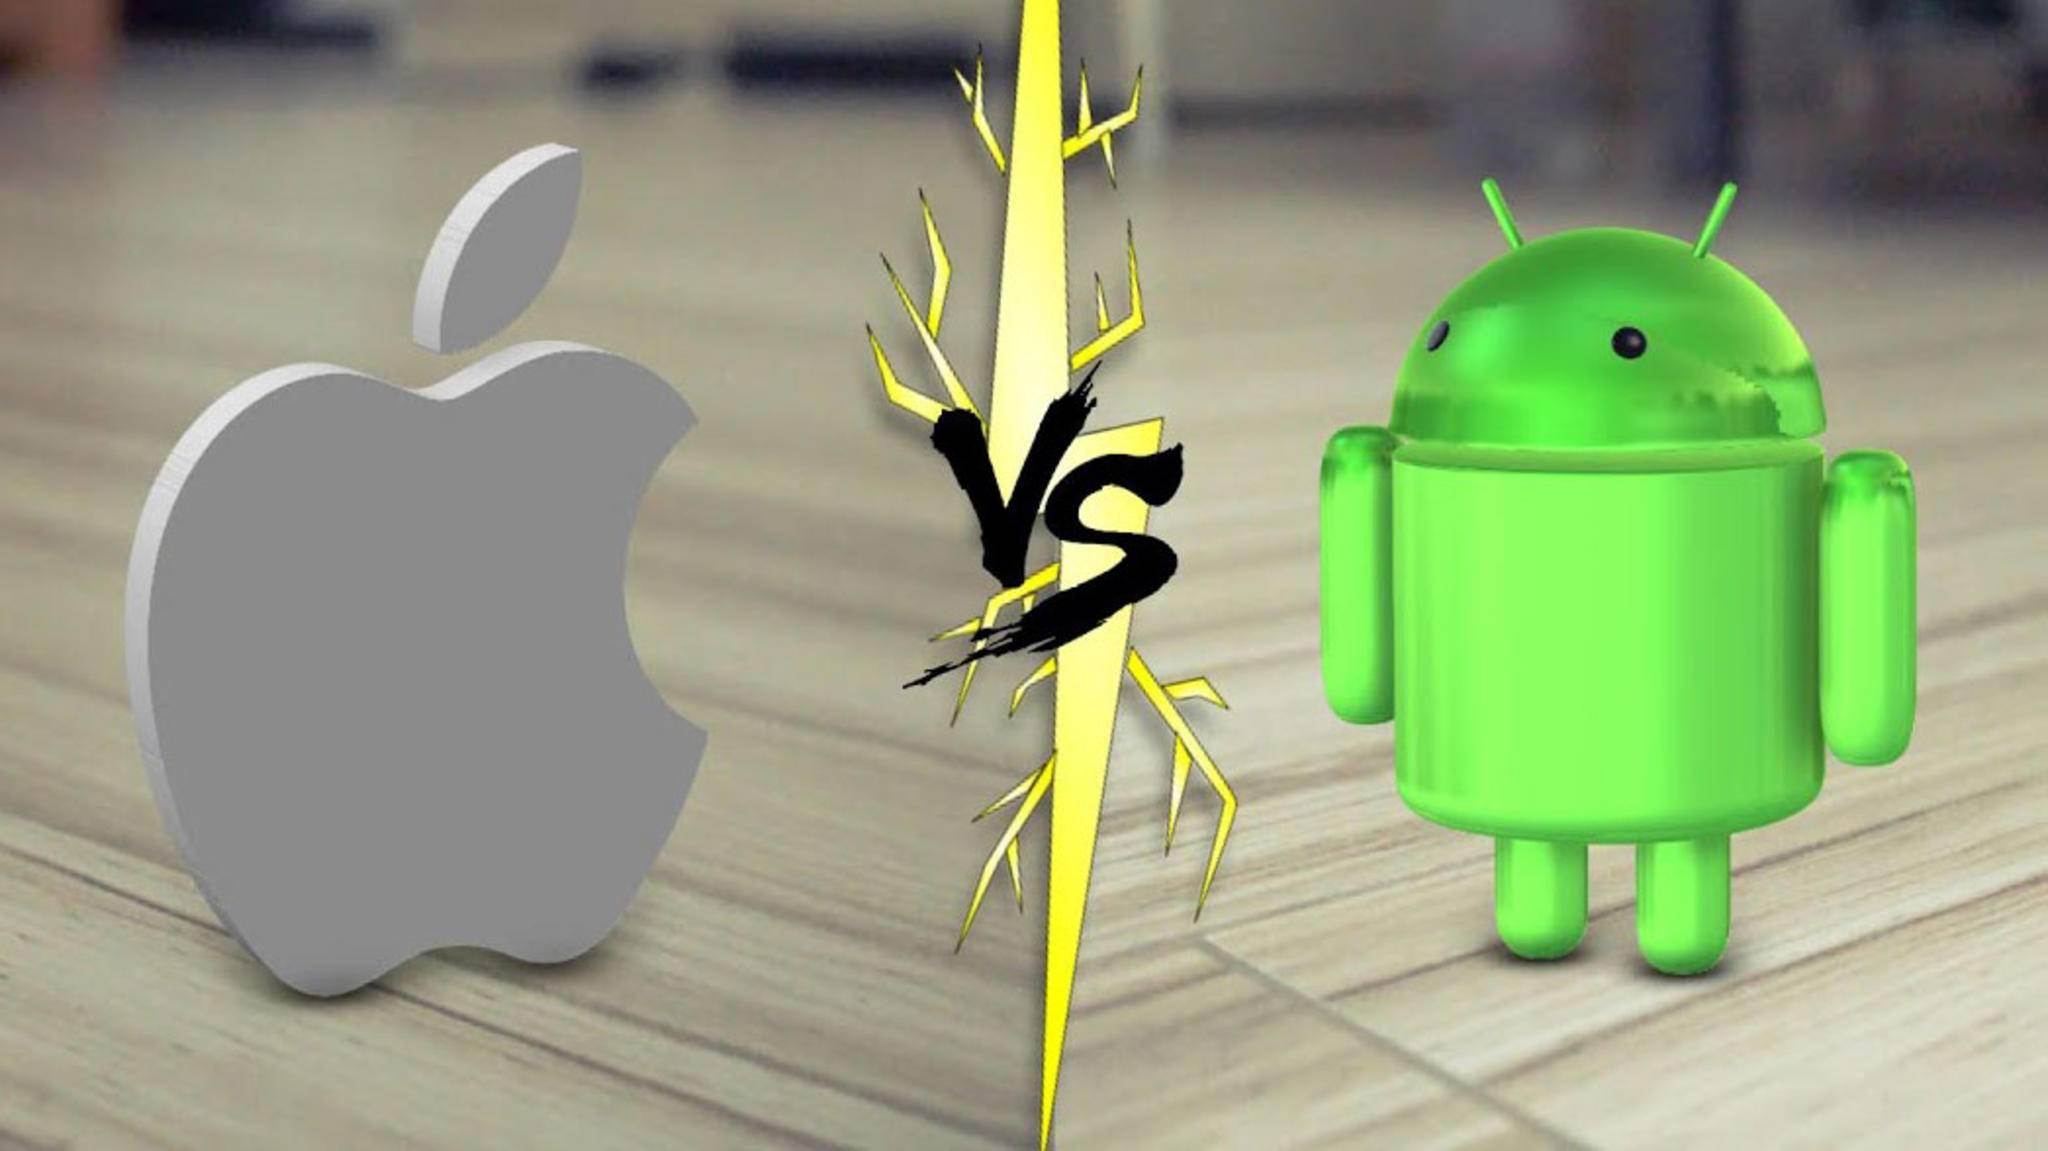 Wer sich einmal für iOS oder Android entschieden hat, wechselt so schnell nicht mehr.